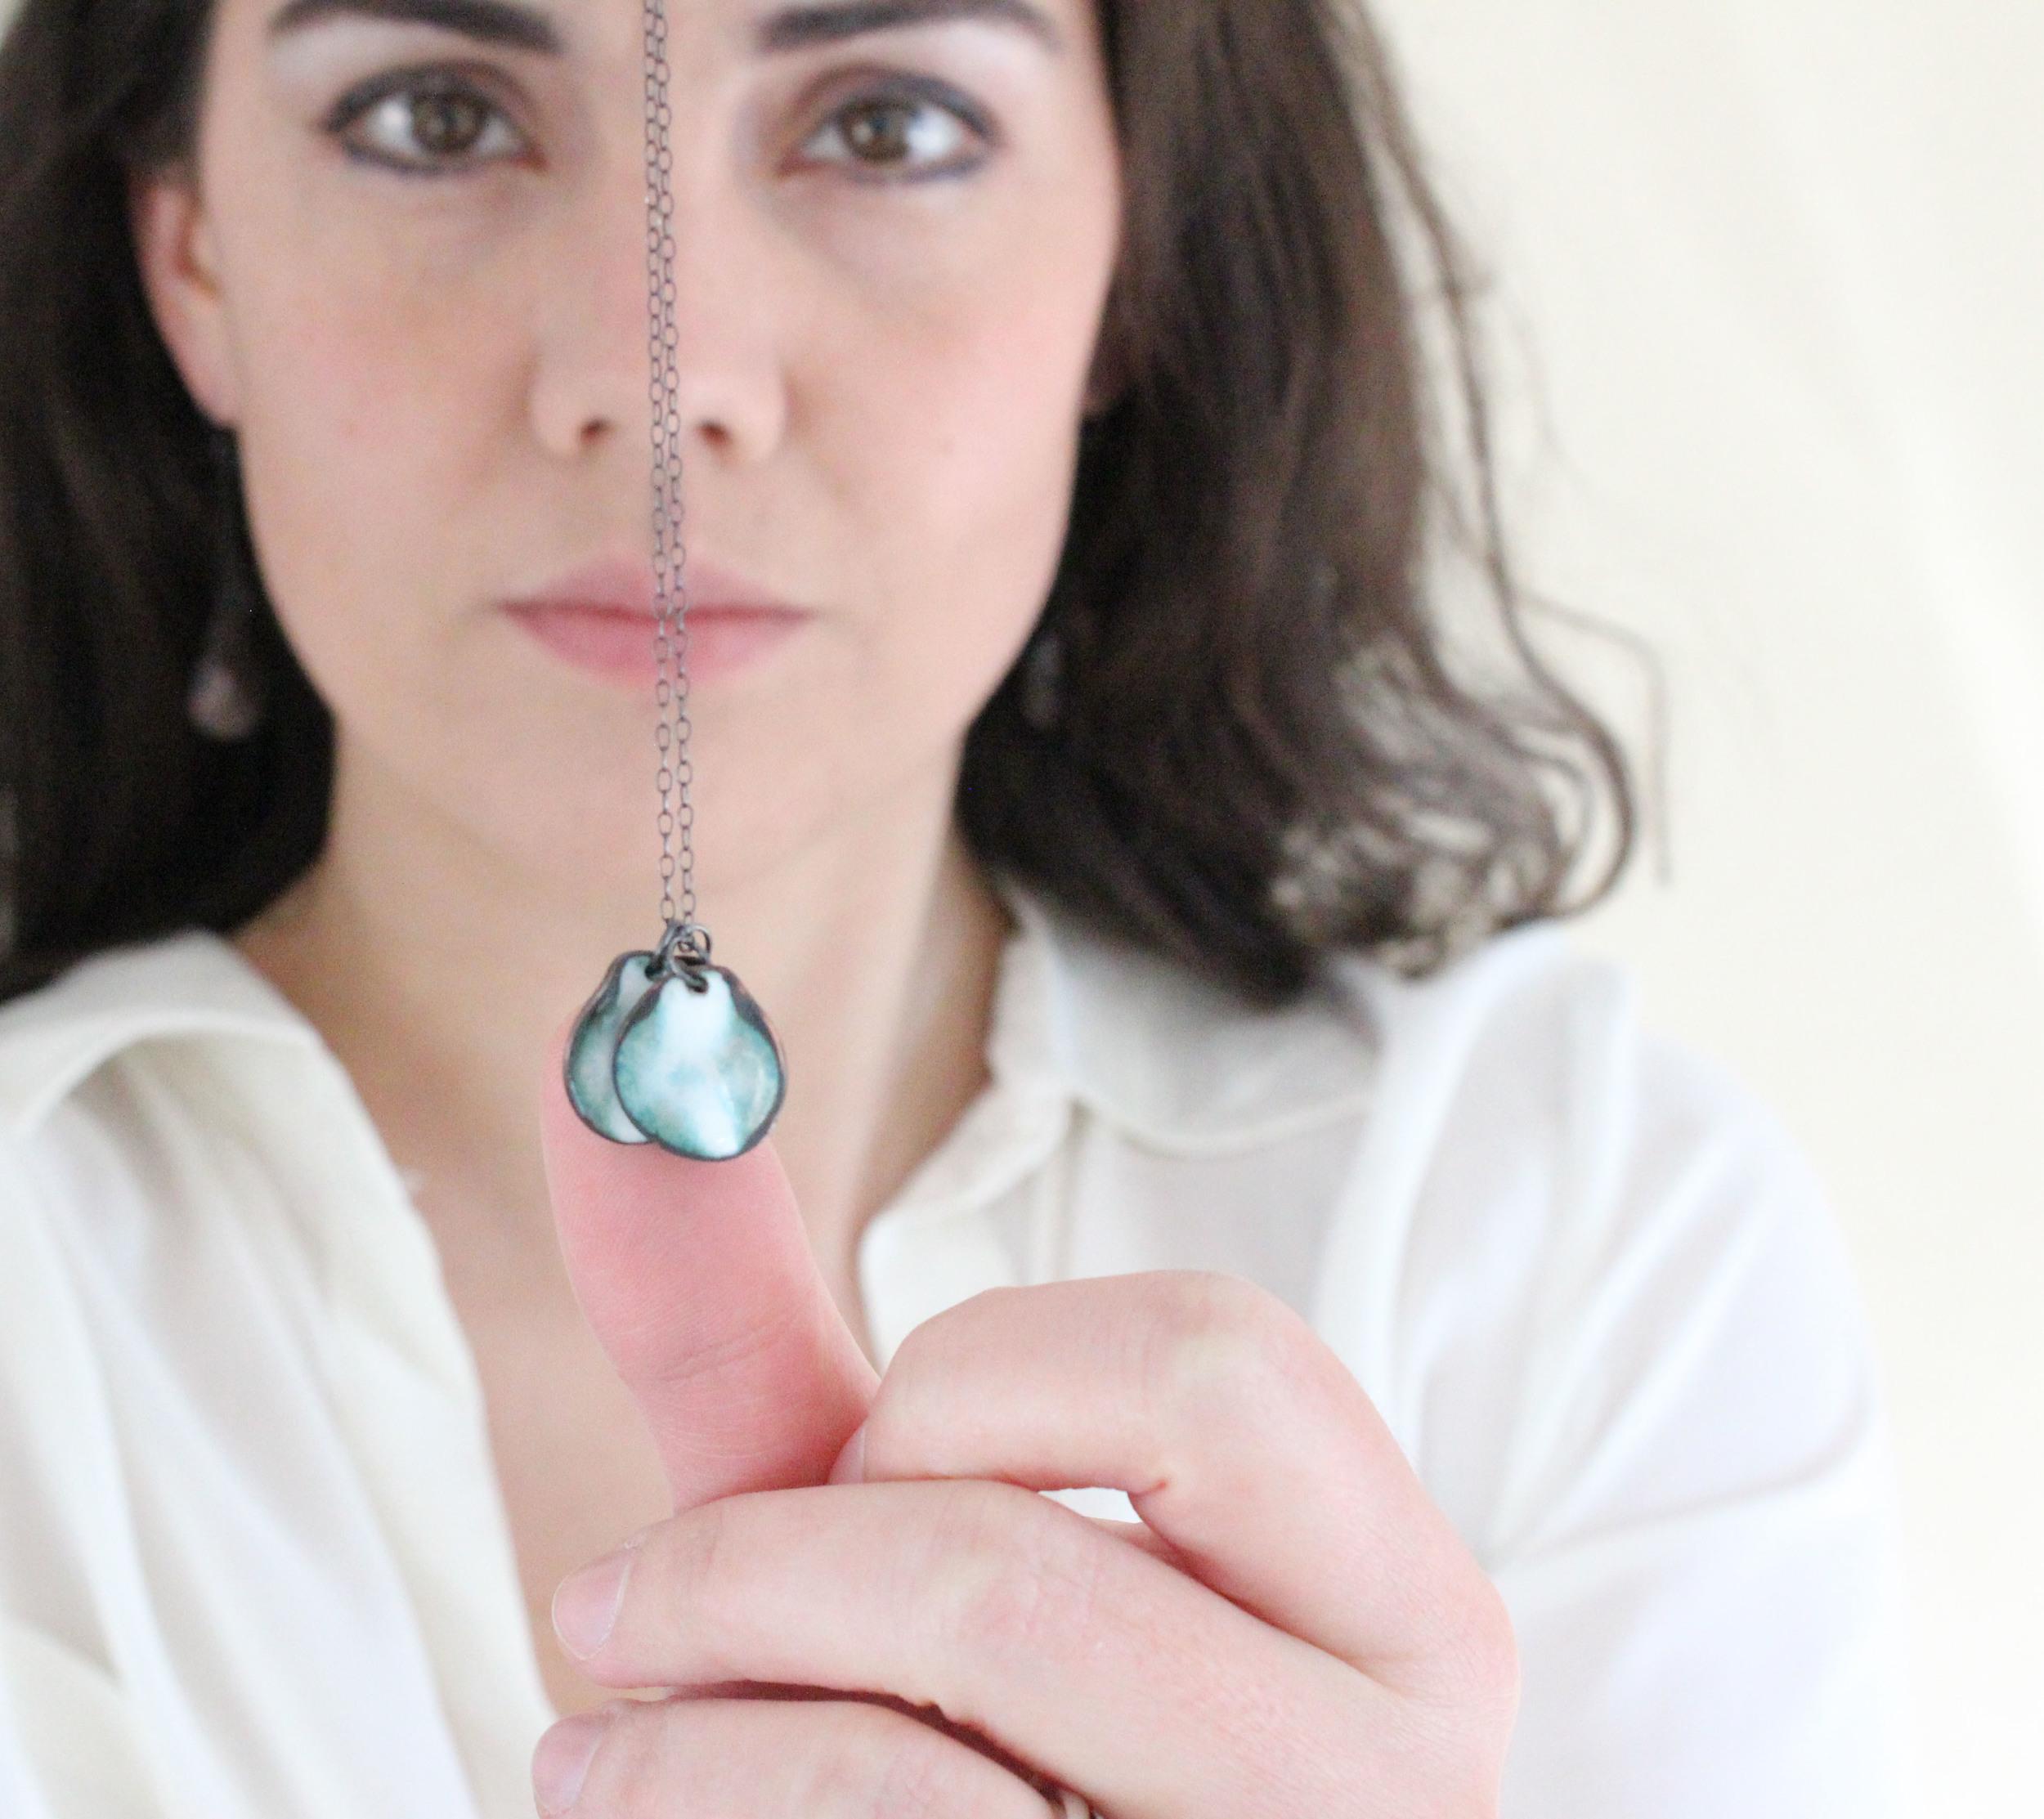 Holding the Triple Petal Necklace from the Fleur de la Mer Collection